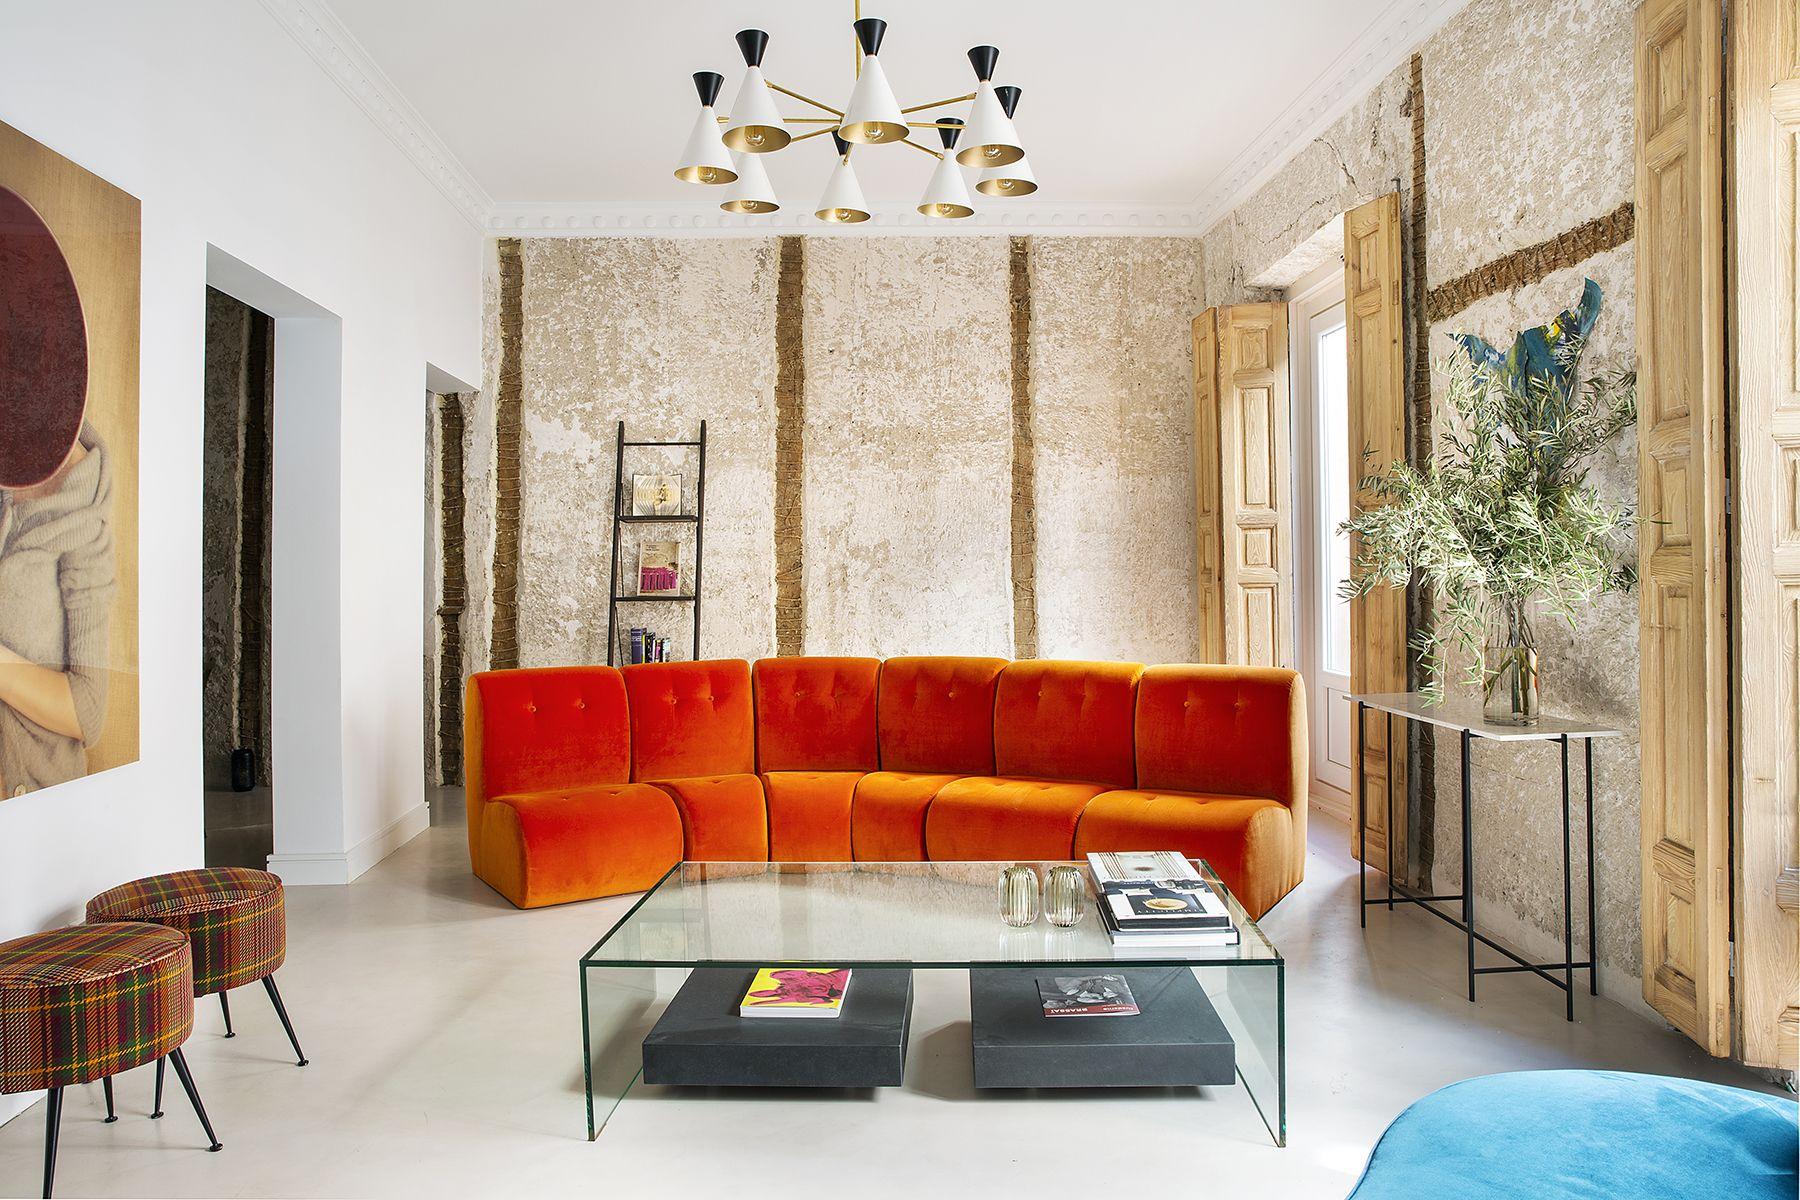 10 imágenes que te convencerán para colocar un sofá naranja